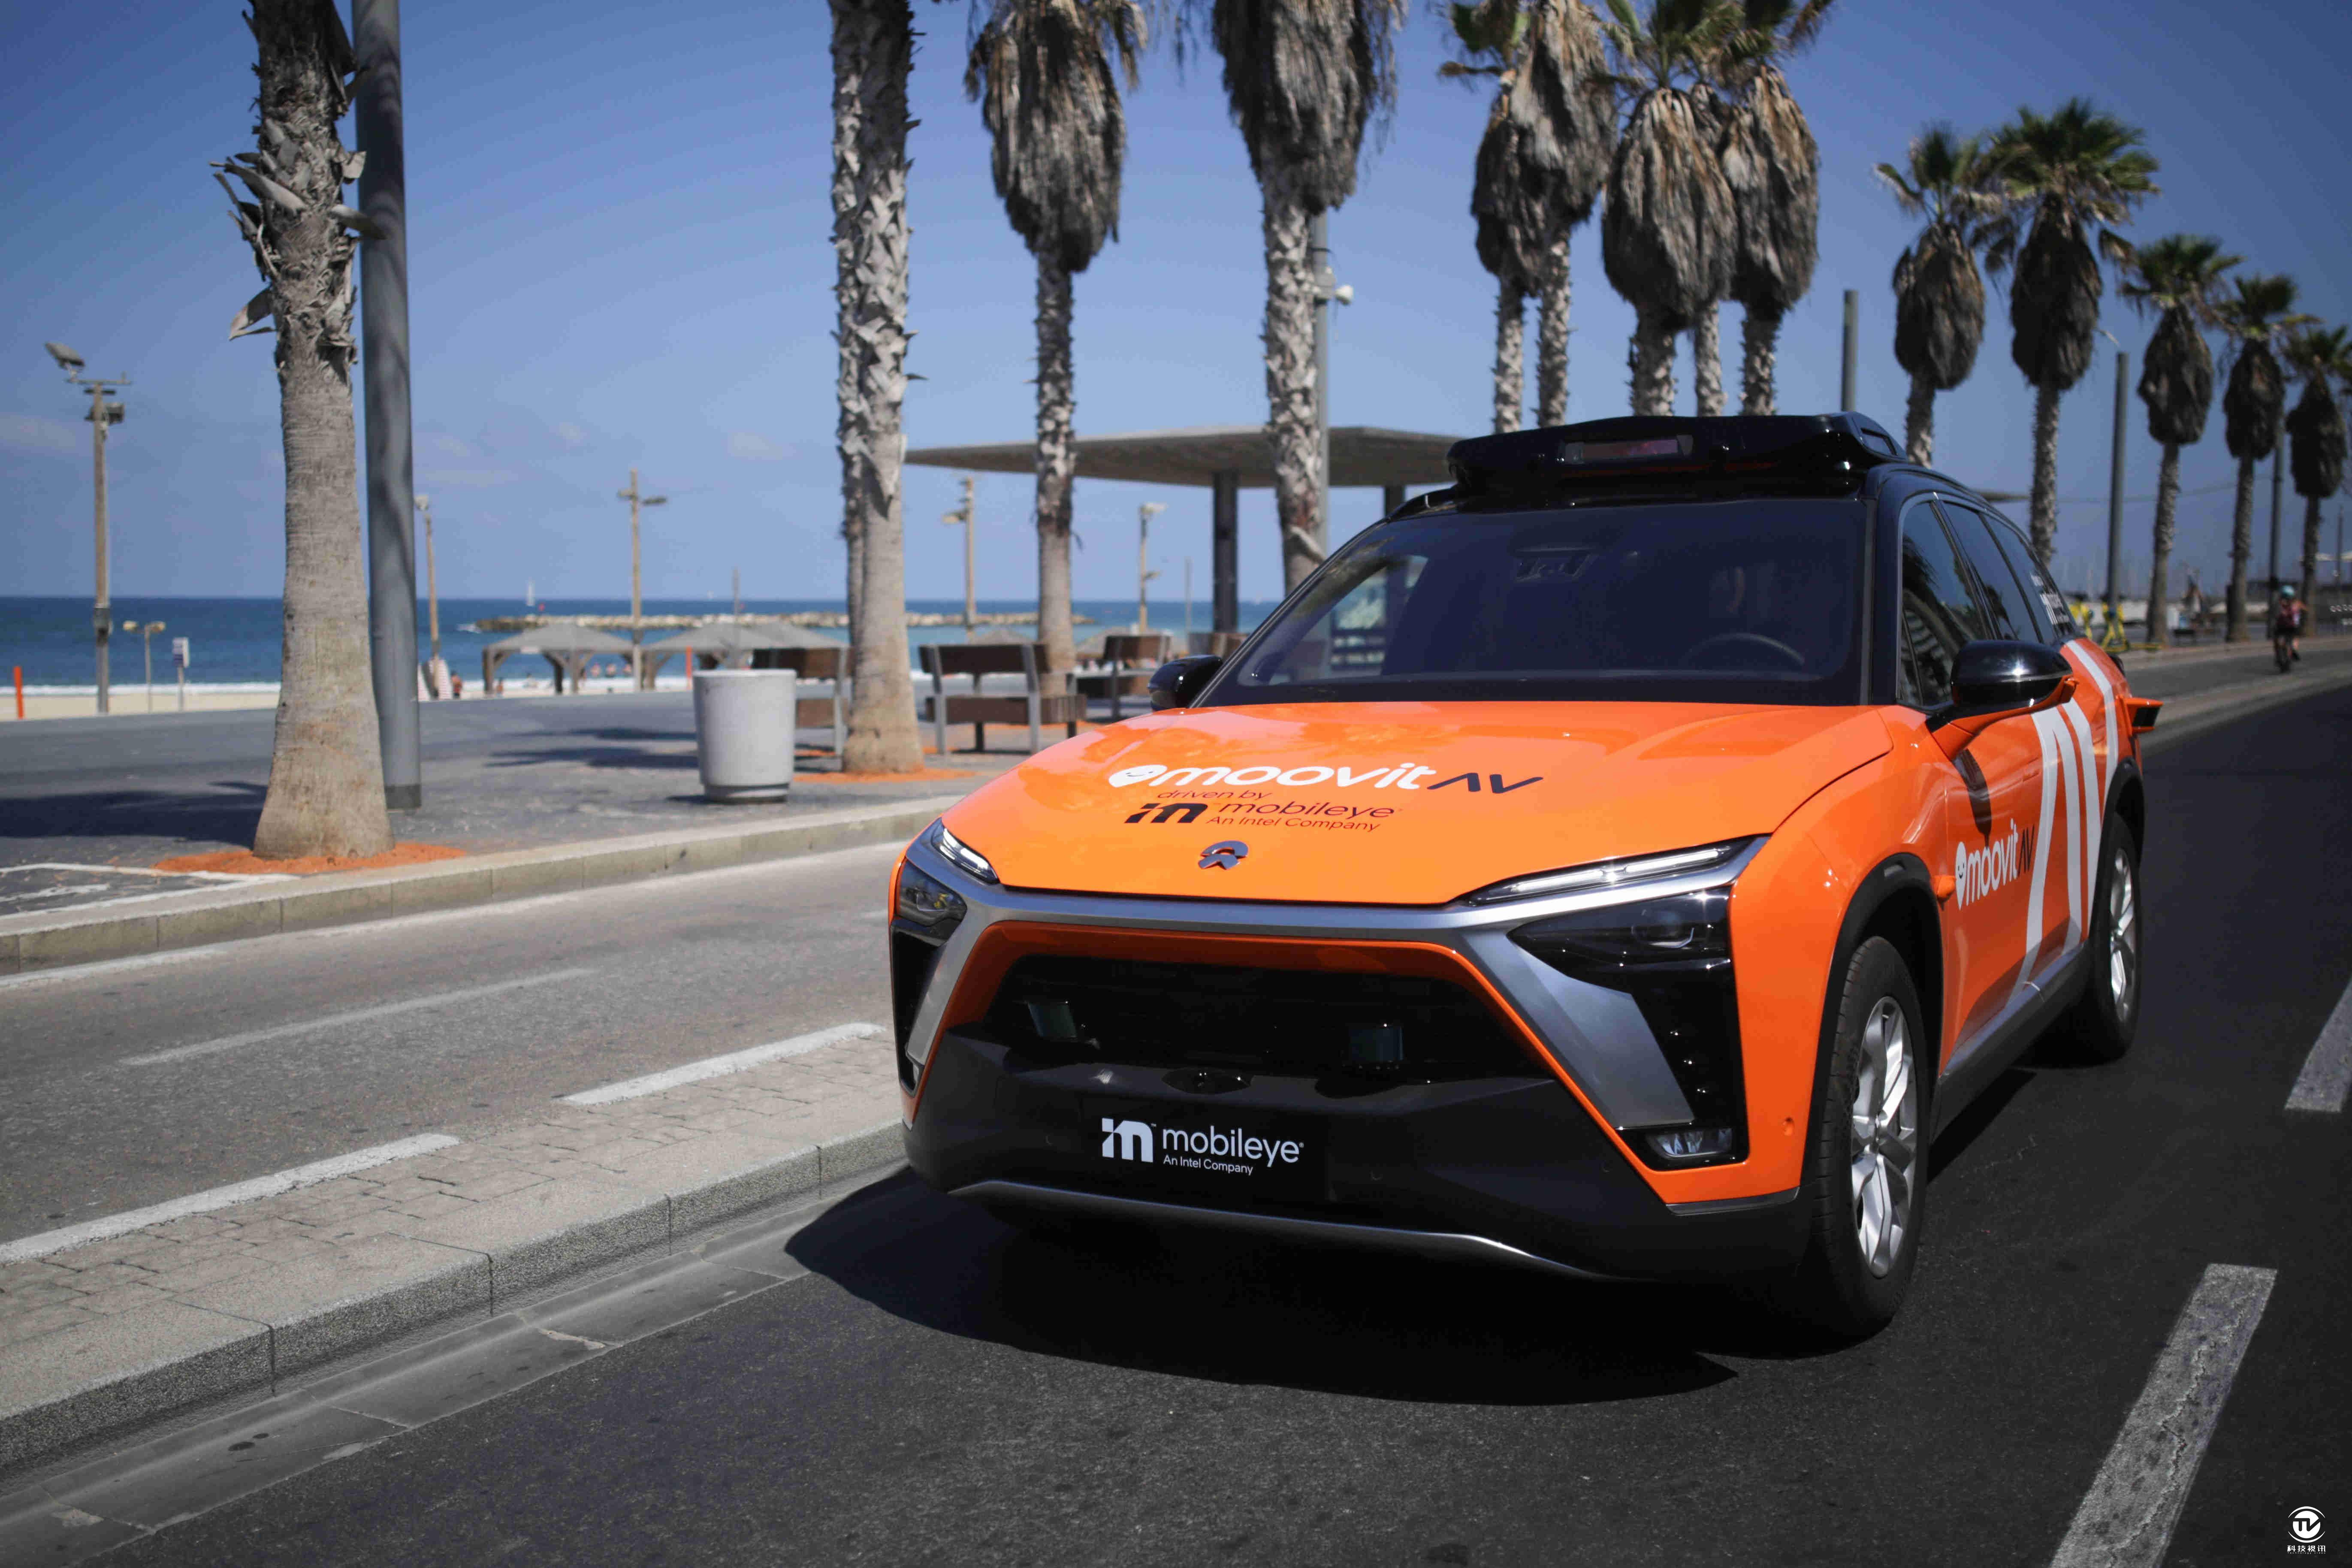 在IAA现场,Mobileye首次展示了用于自动驾驶网约车服务的量产车型。该车型将采用MoovitAV 出行服务品牌进行运营。借助与总部位于慕尼黑的SIXT Group达成的合作,这项服务预计于2022年在德国率先推出,届时消费者可体验搭载了Mobileye Drive™全栈自动驾驶系统车型的网约车服务。.jpg